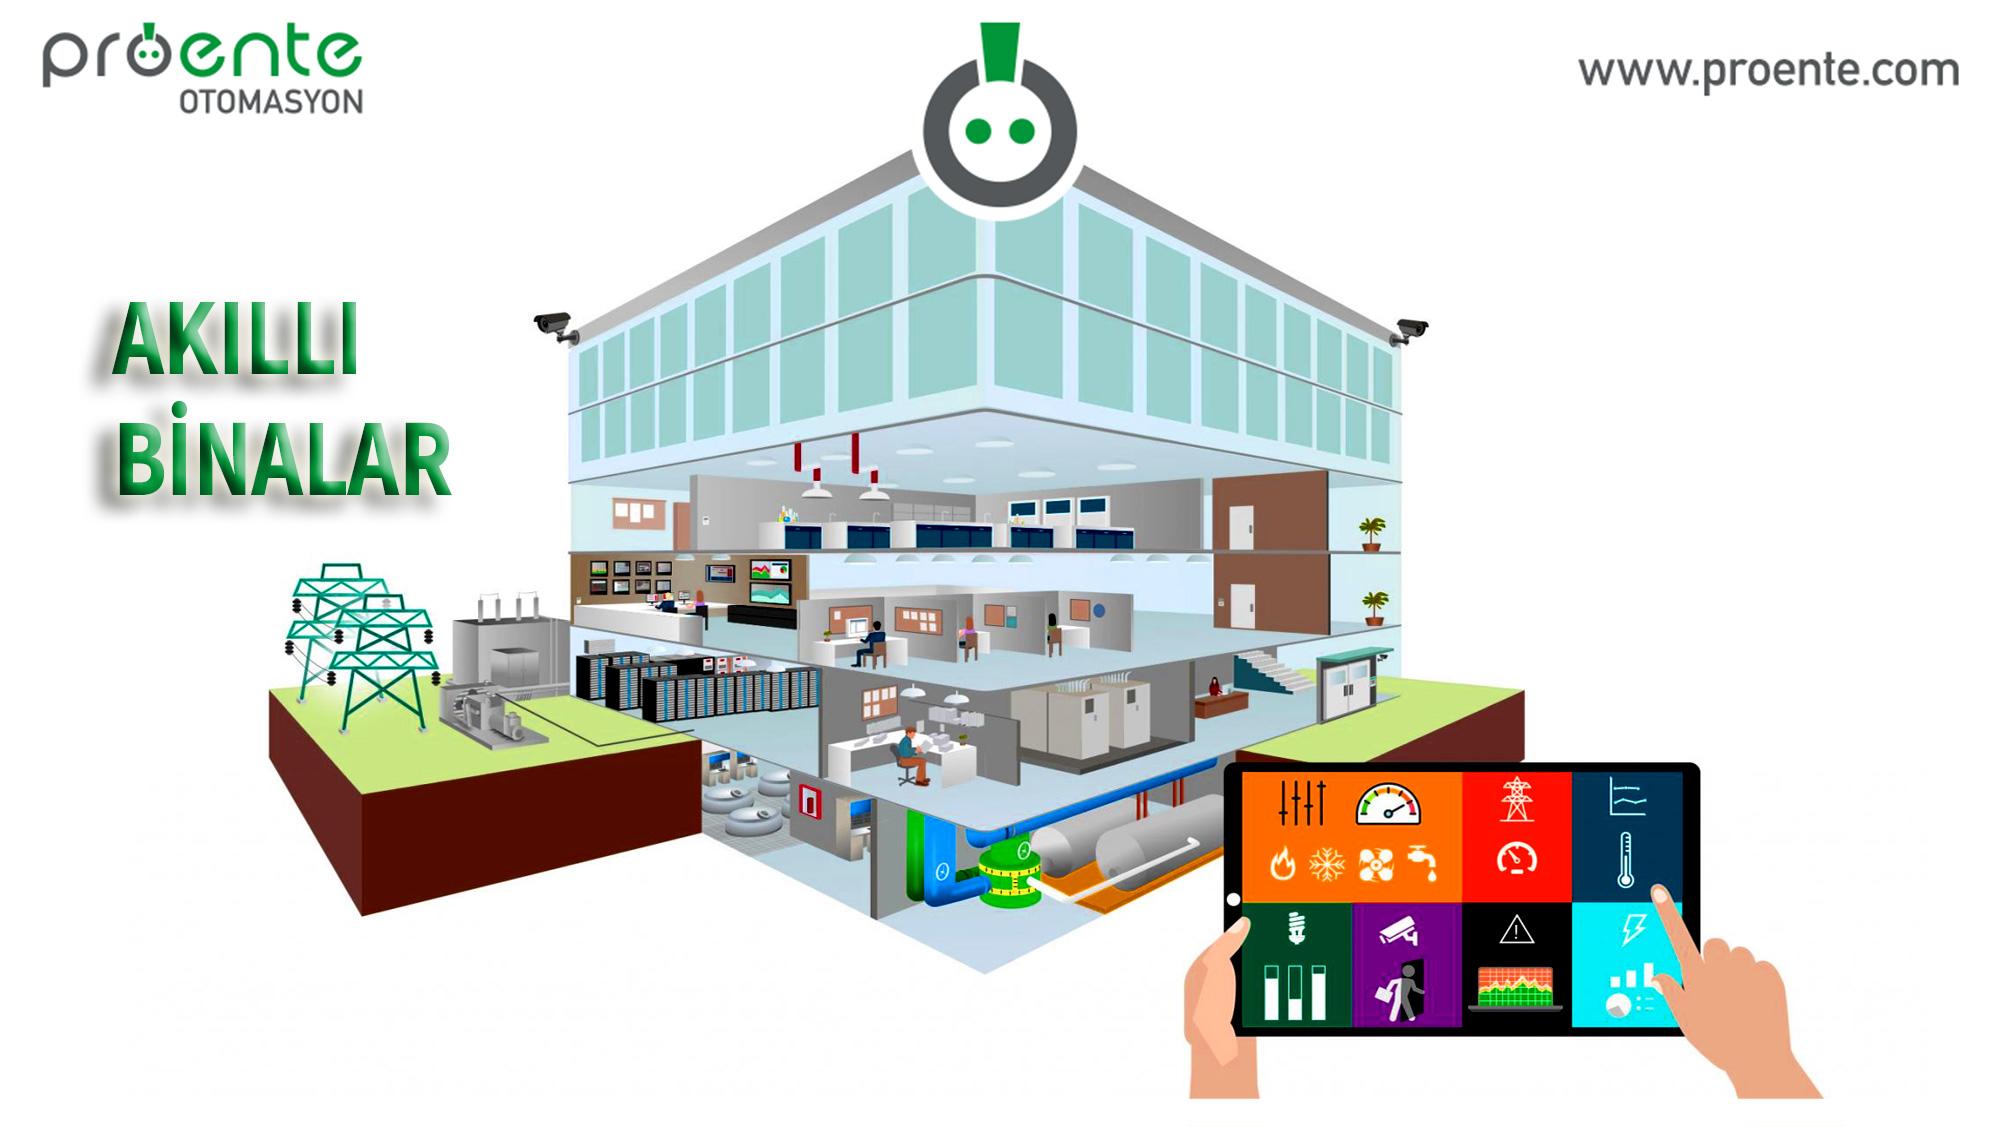 akıllı bina, akıllı bina otomasyonu, akıllı bina özellikleri,